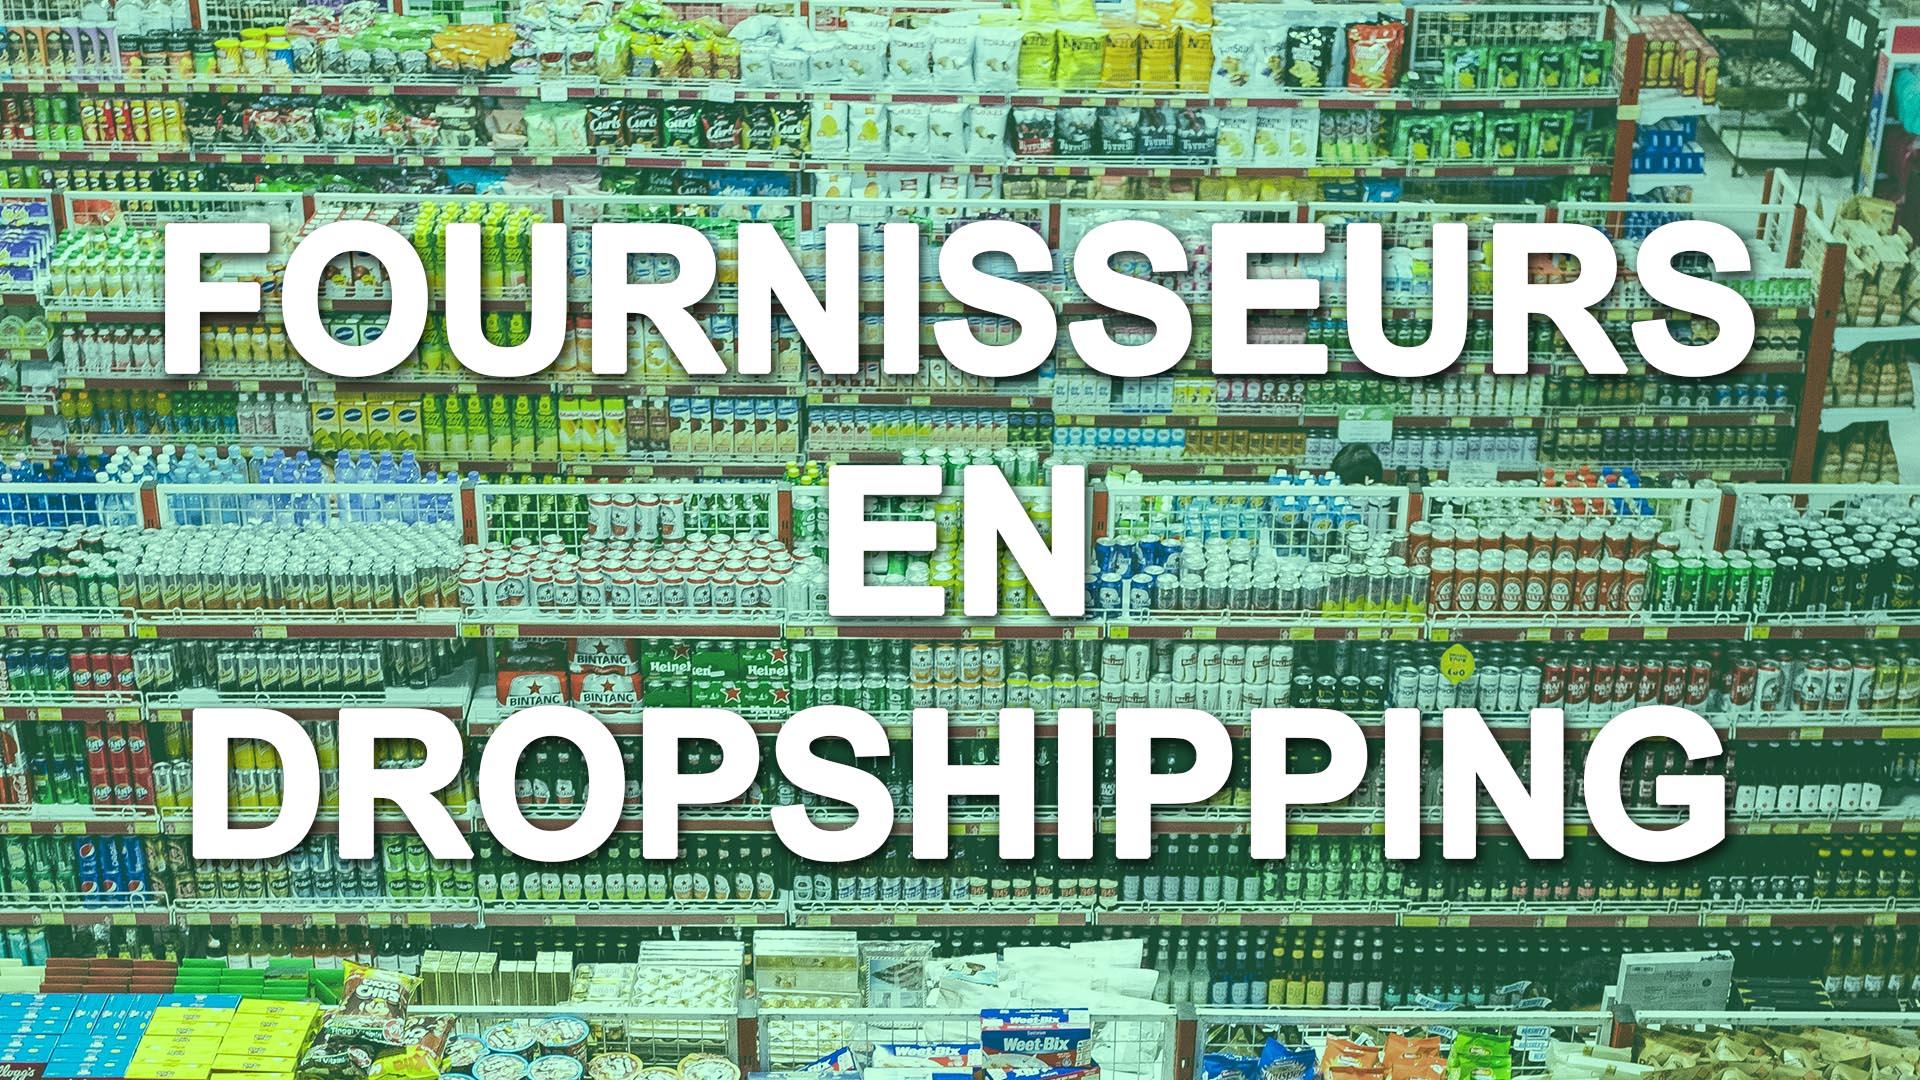 Liste de fournisseurs de dropshipping et grossistes en asie.